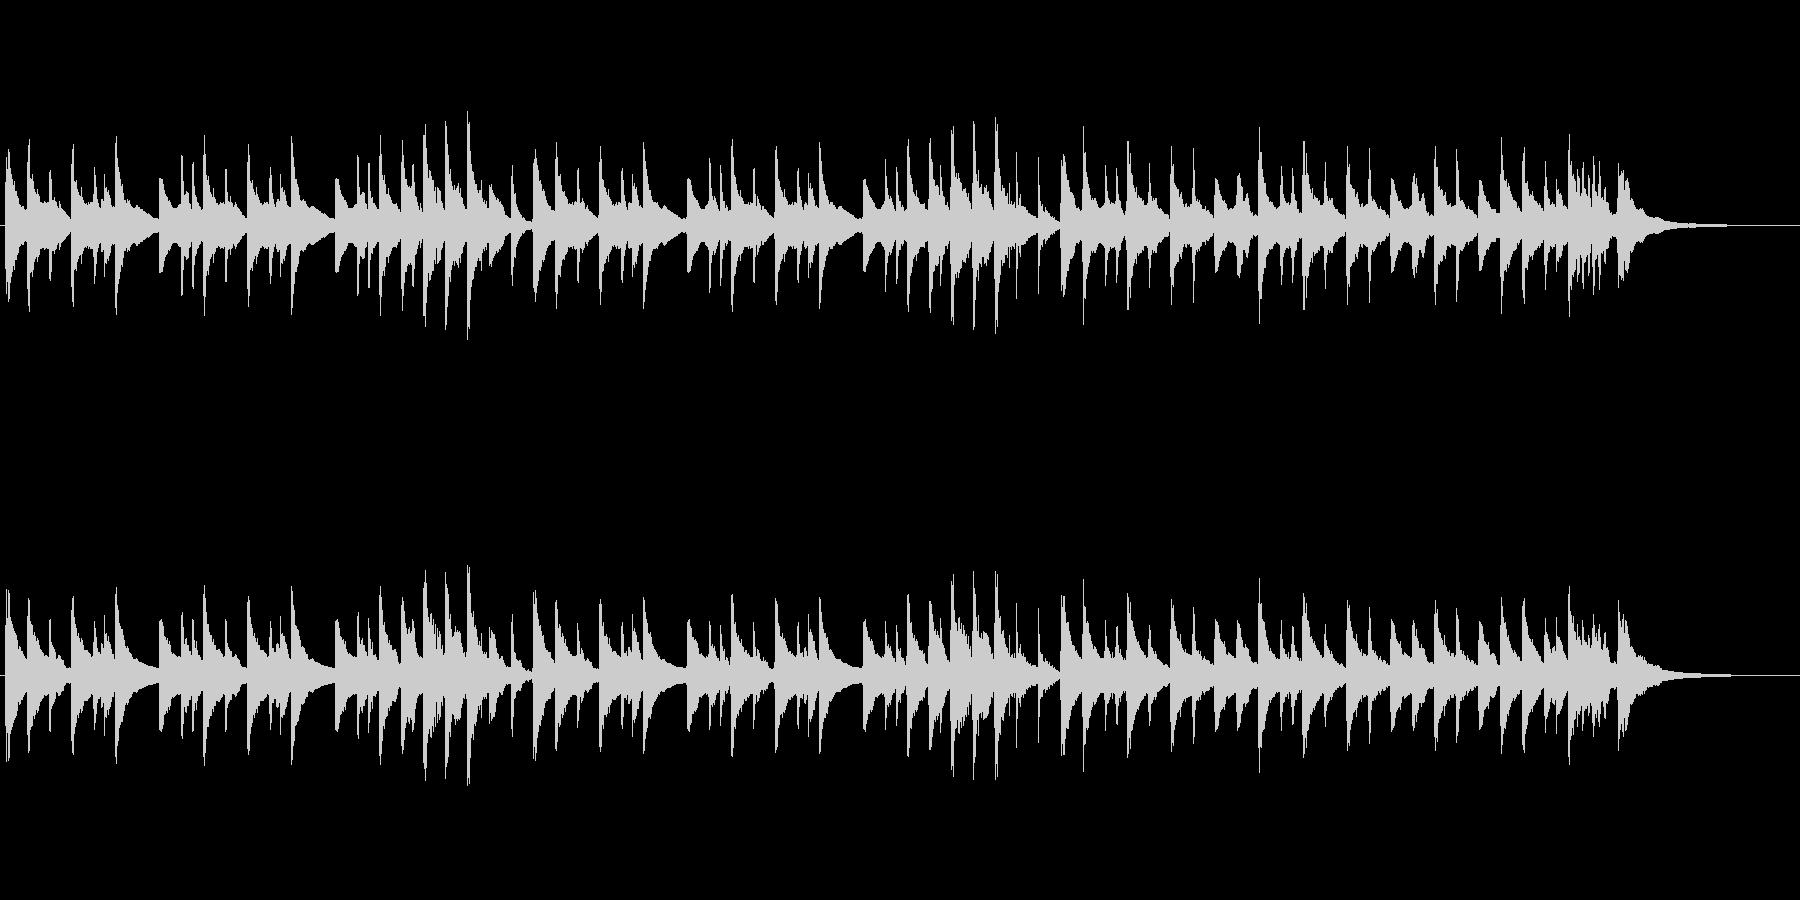 ヴィヴァルディの春 (和風 琴アレンジ)の未再生の波形